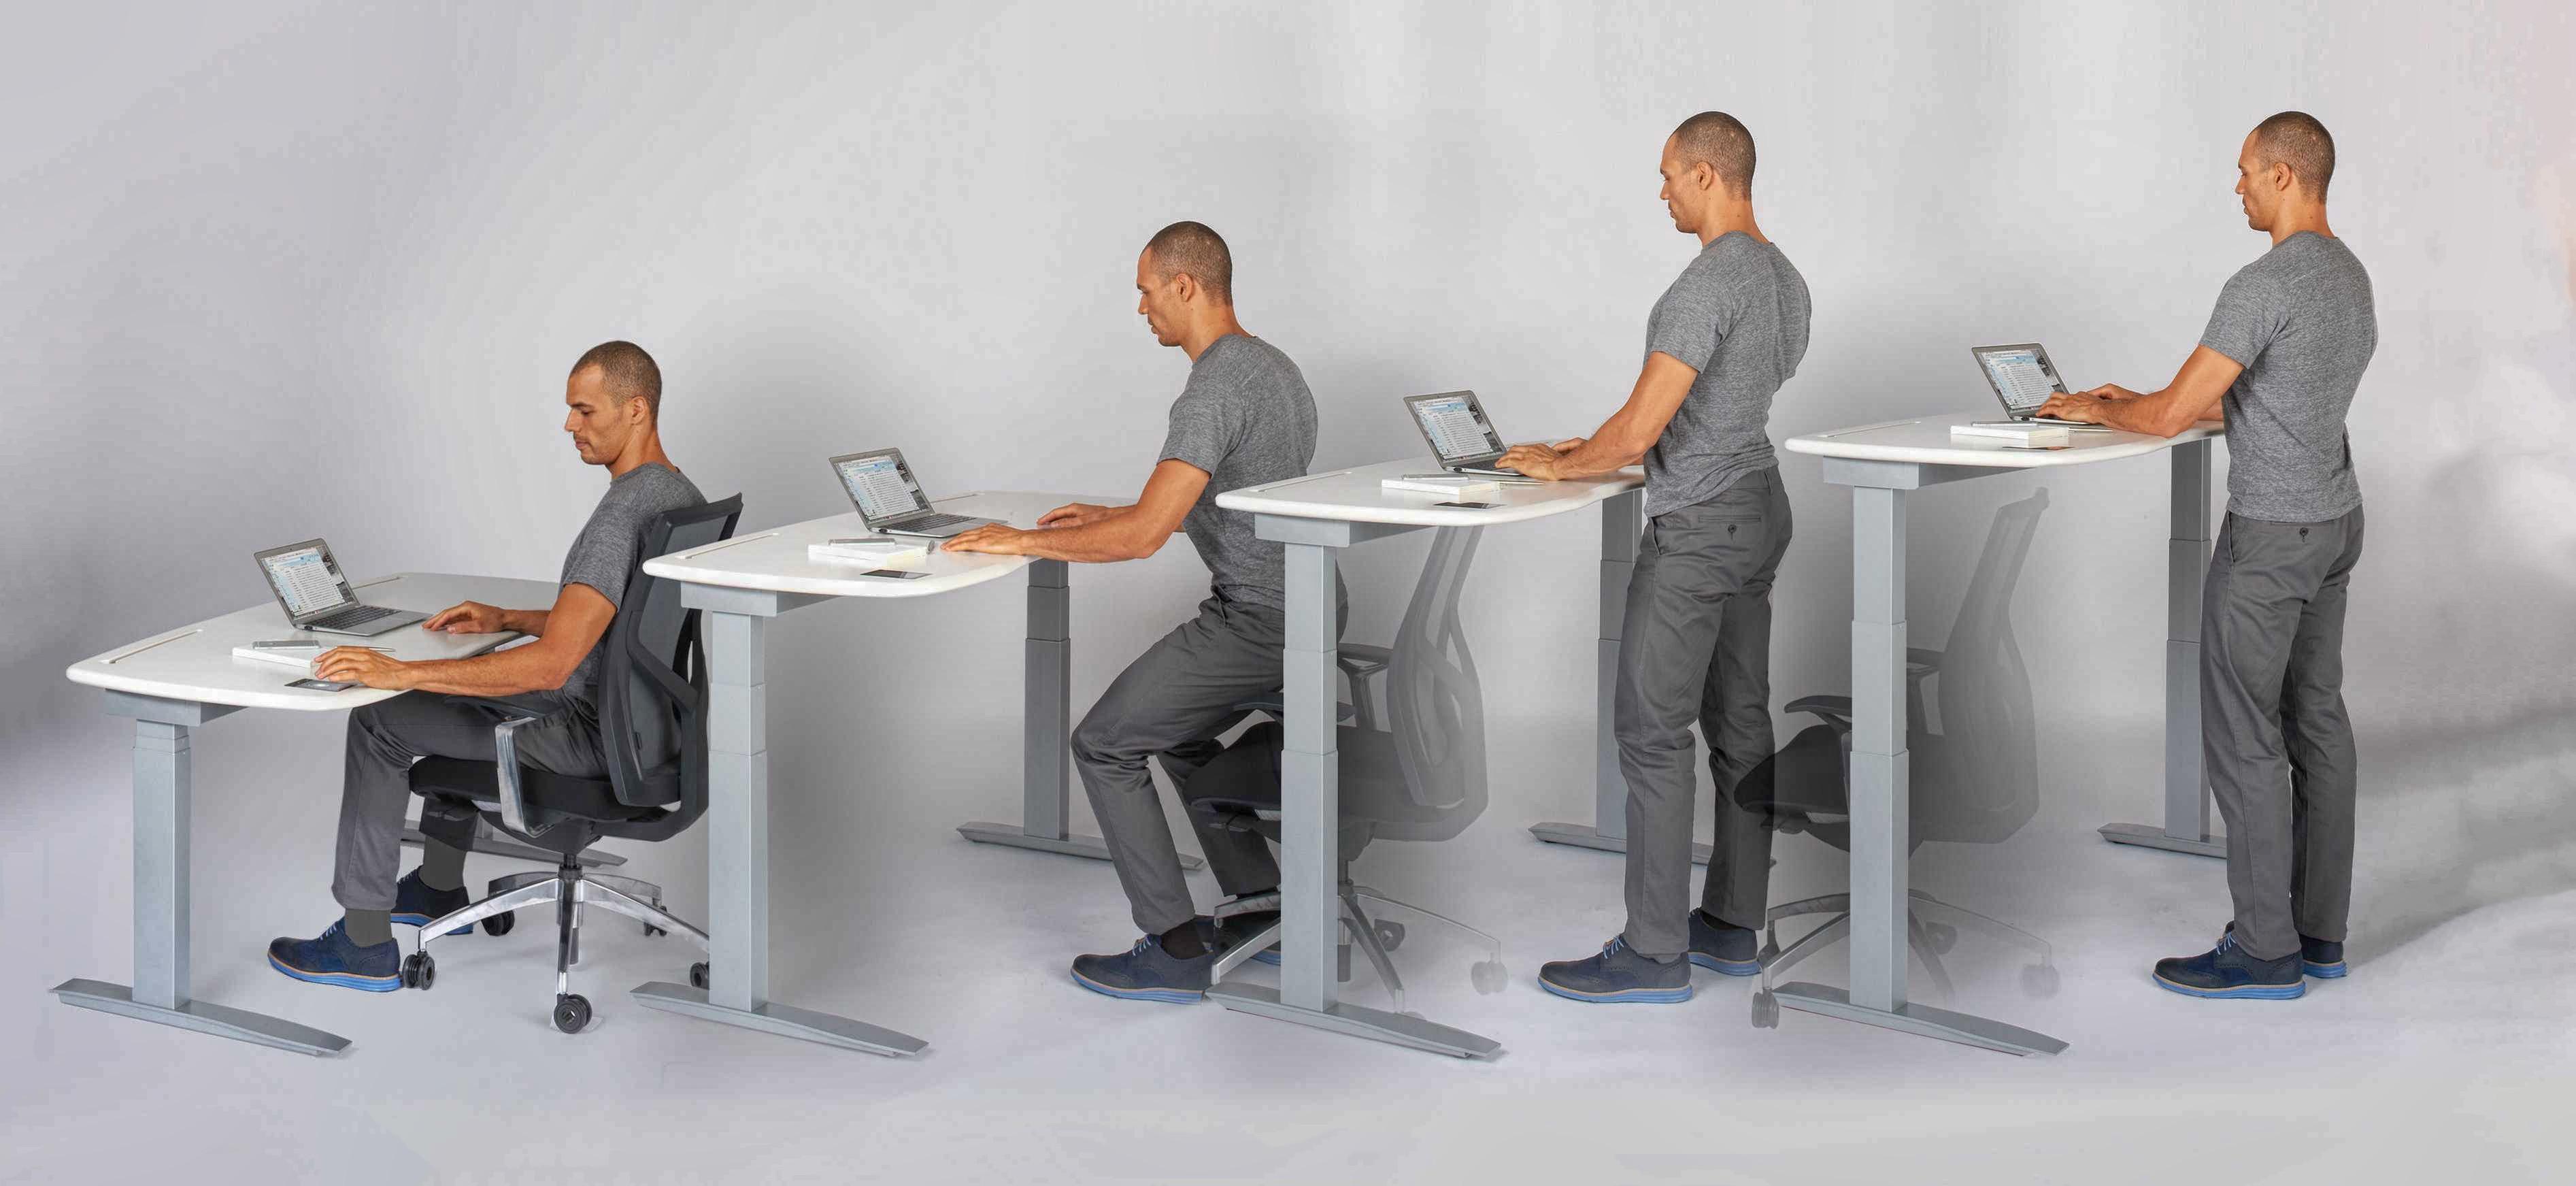 مزایای استفاده از میز اداری ایستاده